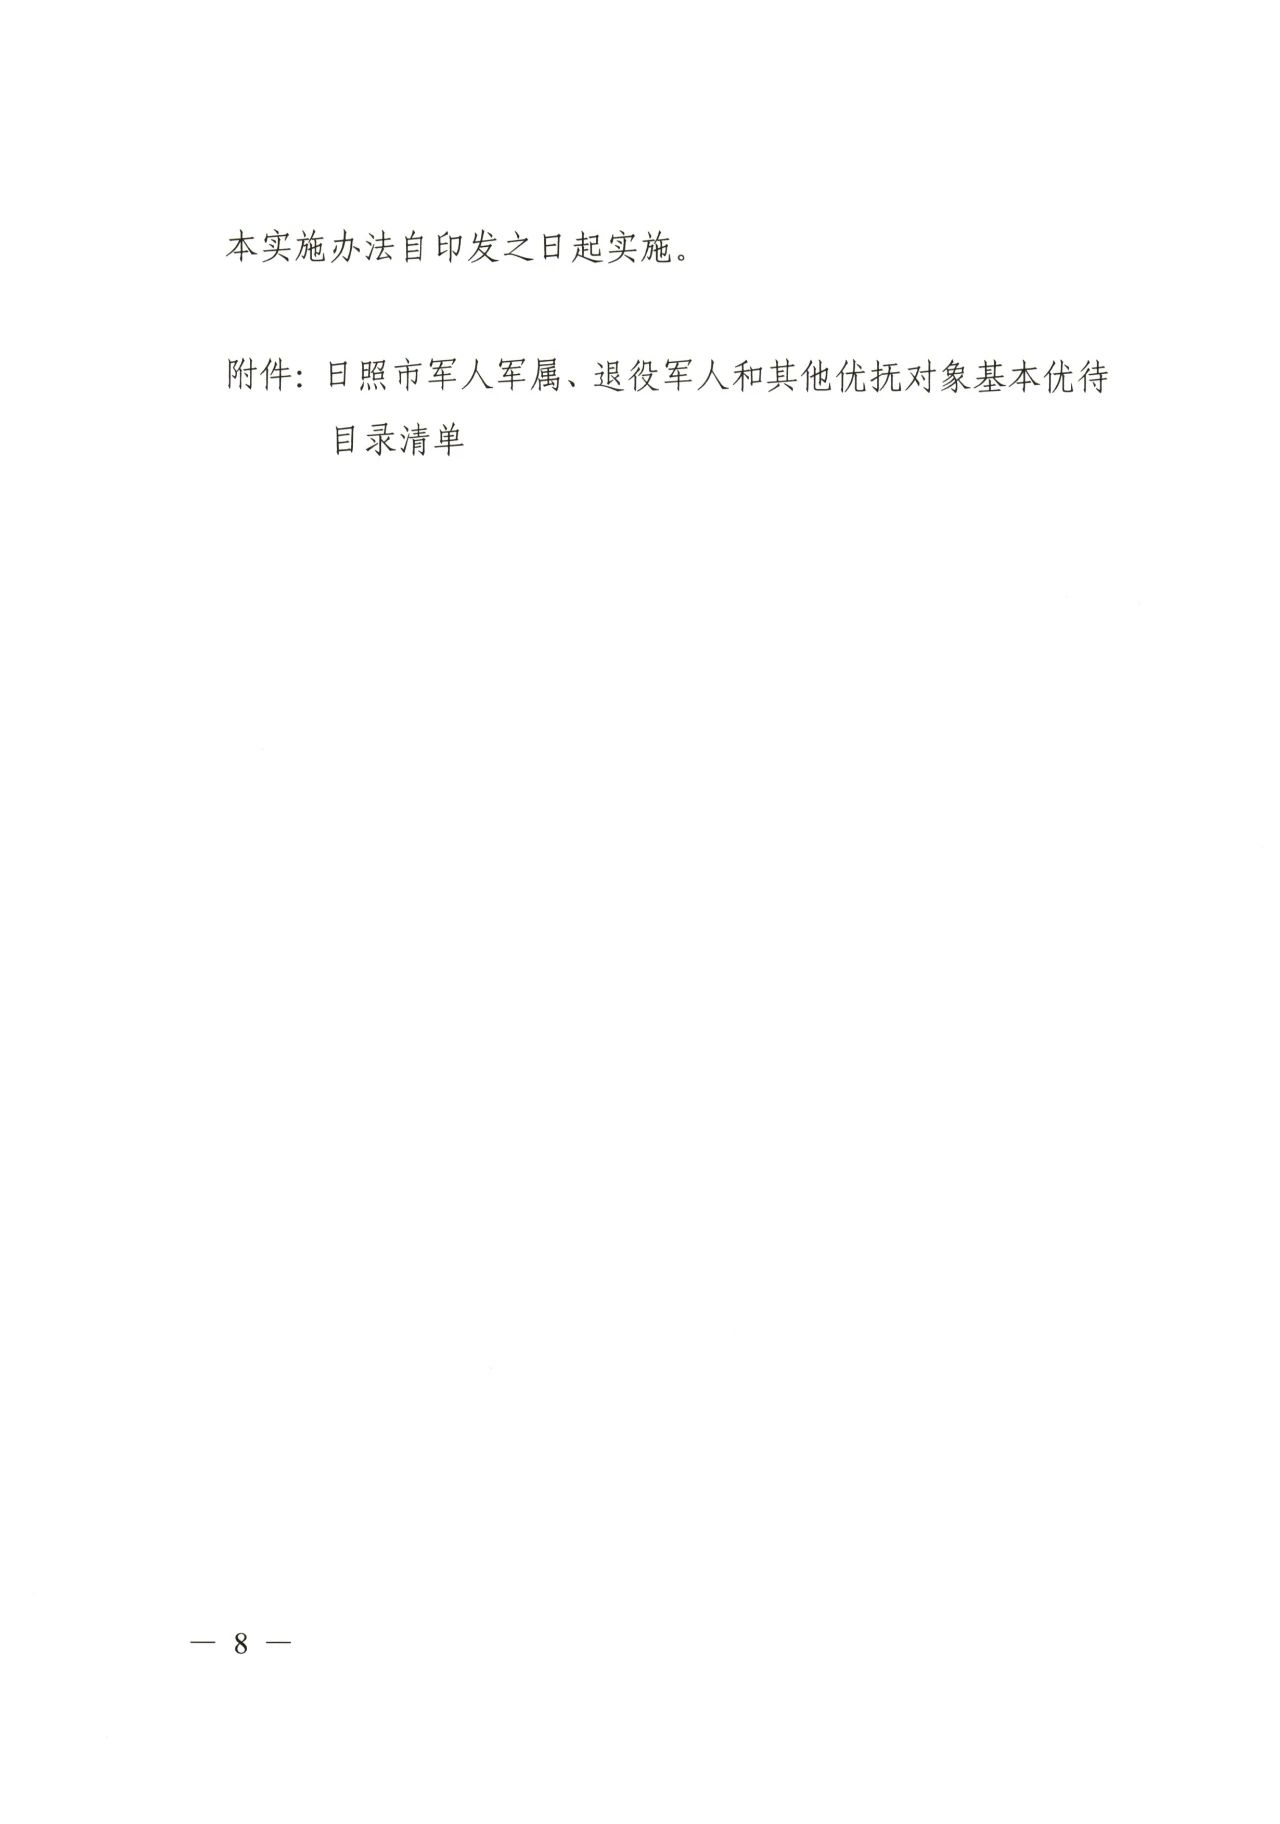 微信图片_20210814103727.jpg